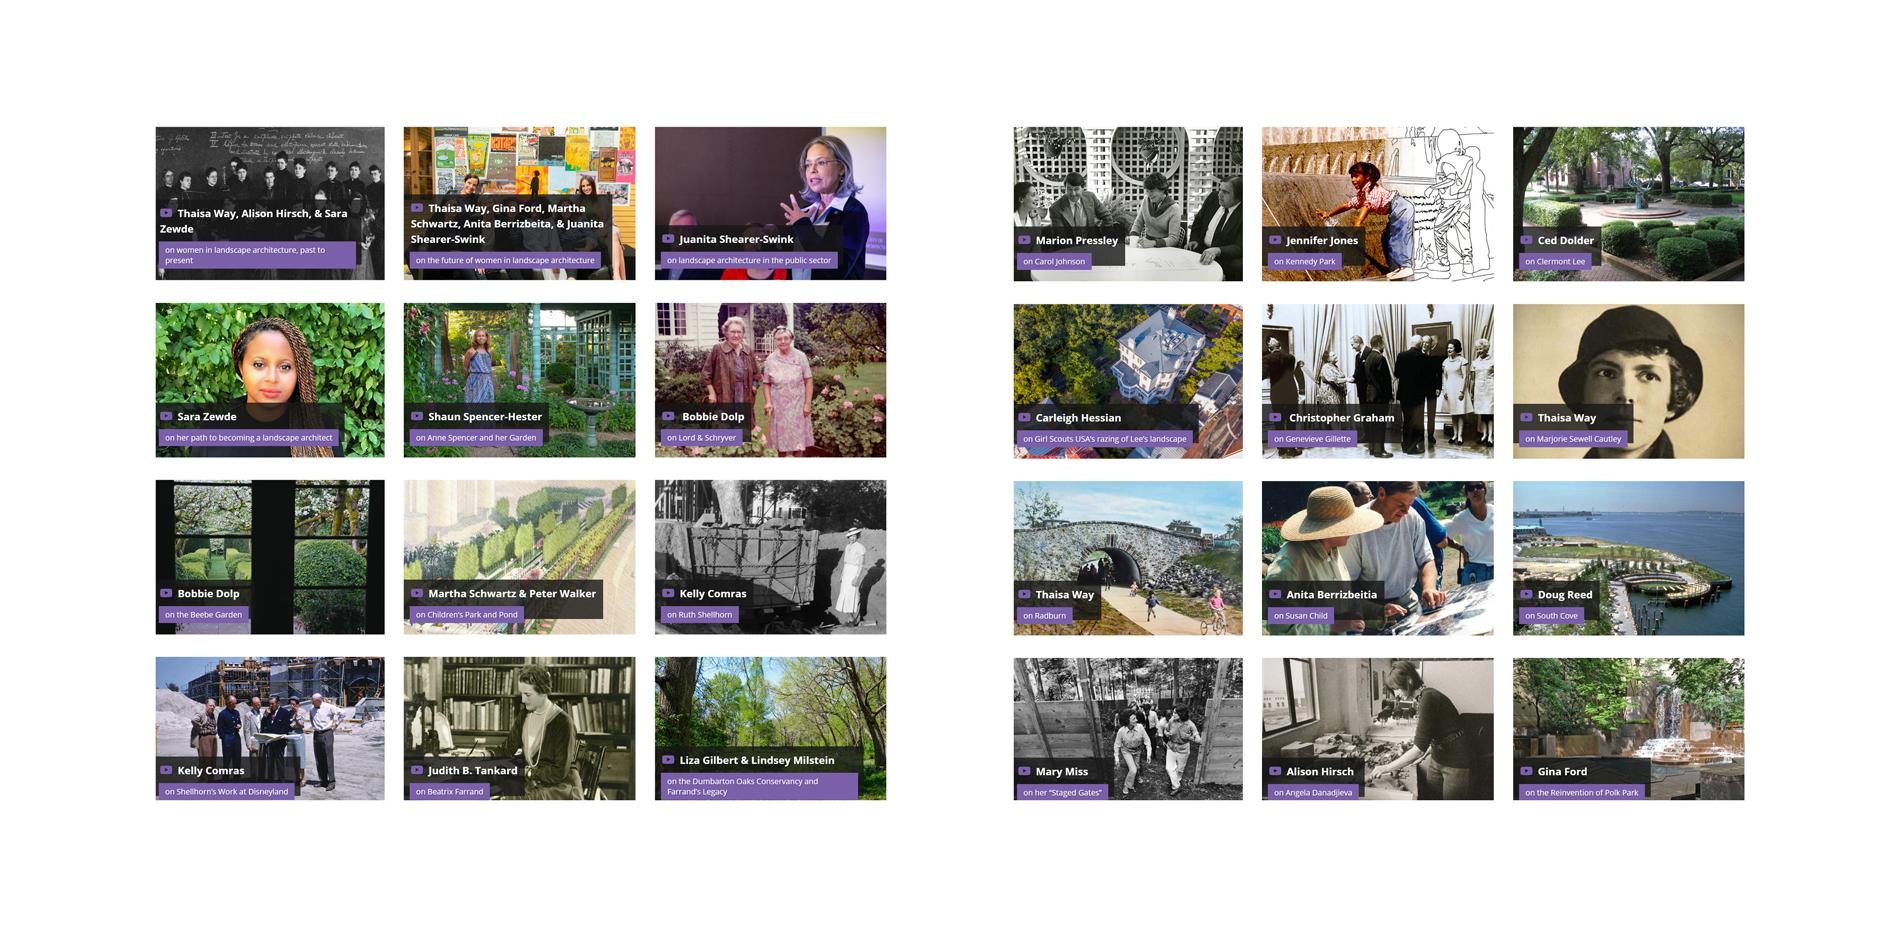 Landslide 2020: Women Take the Lead - Landslide 2020 Landslide Conversations landing page